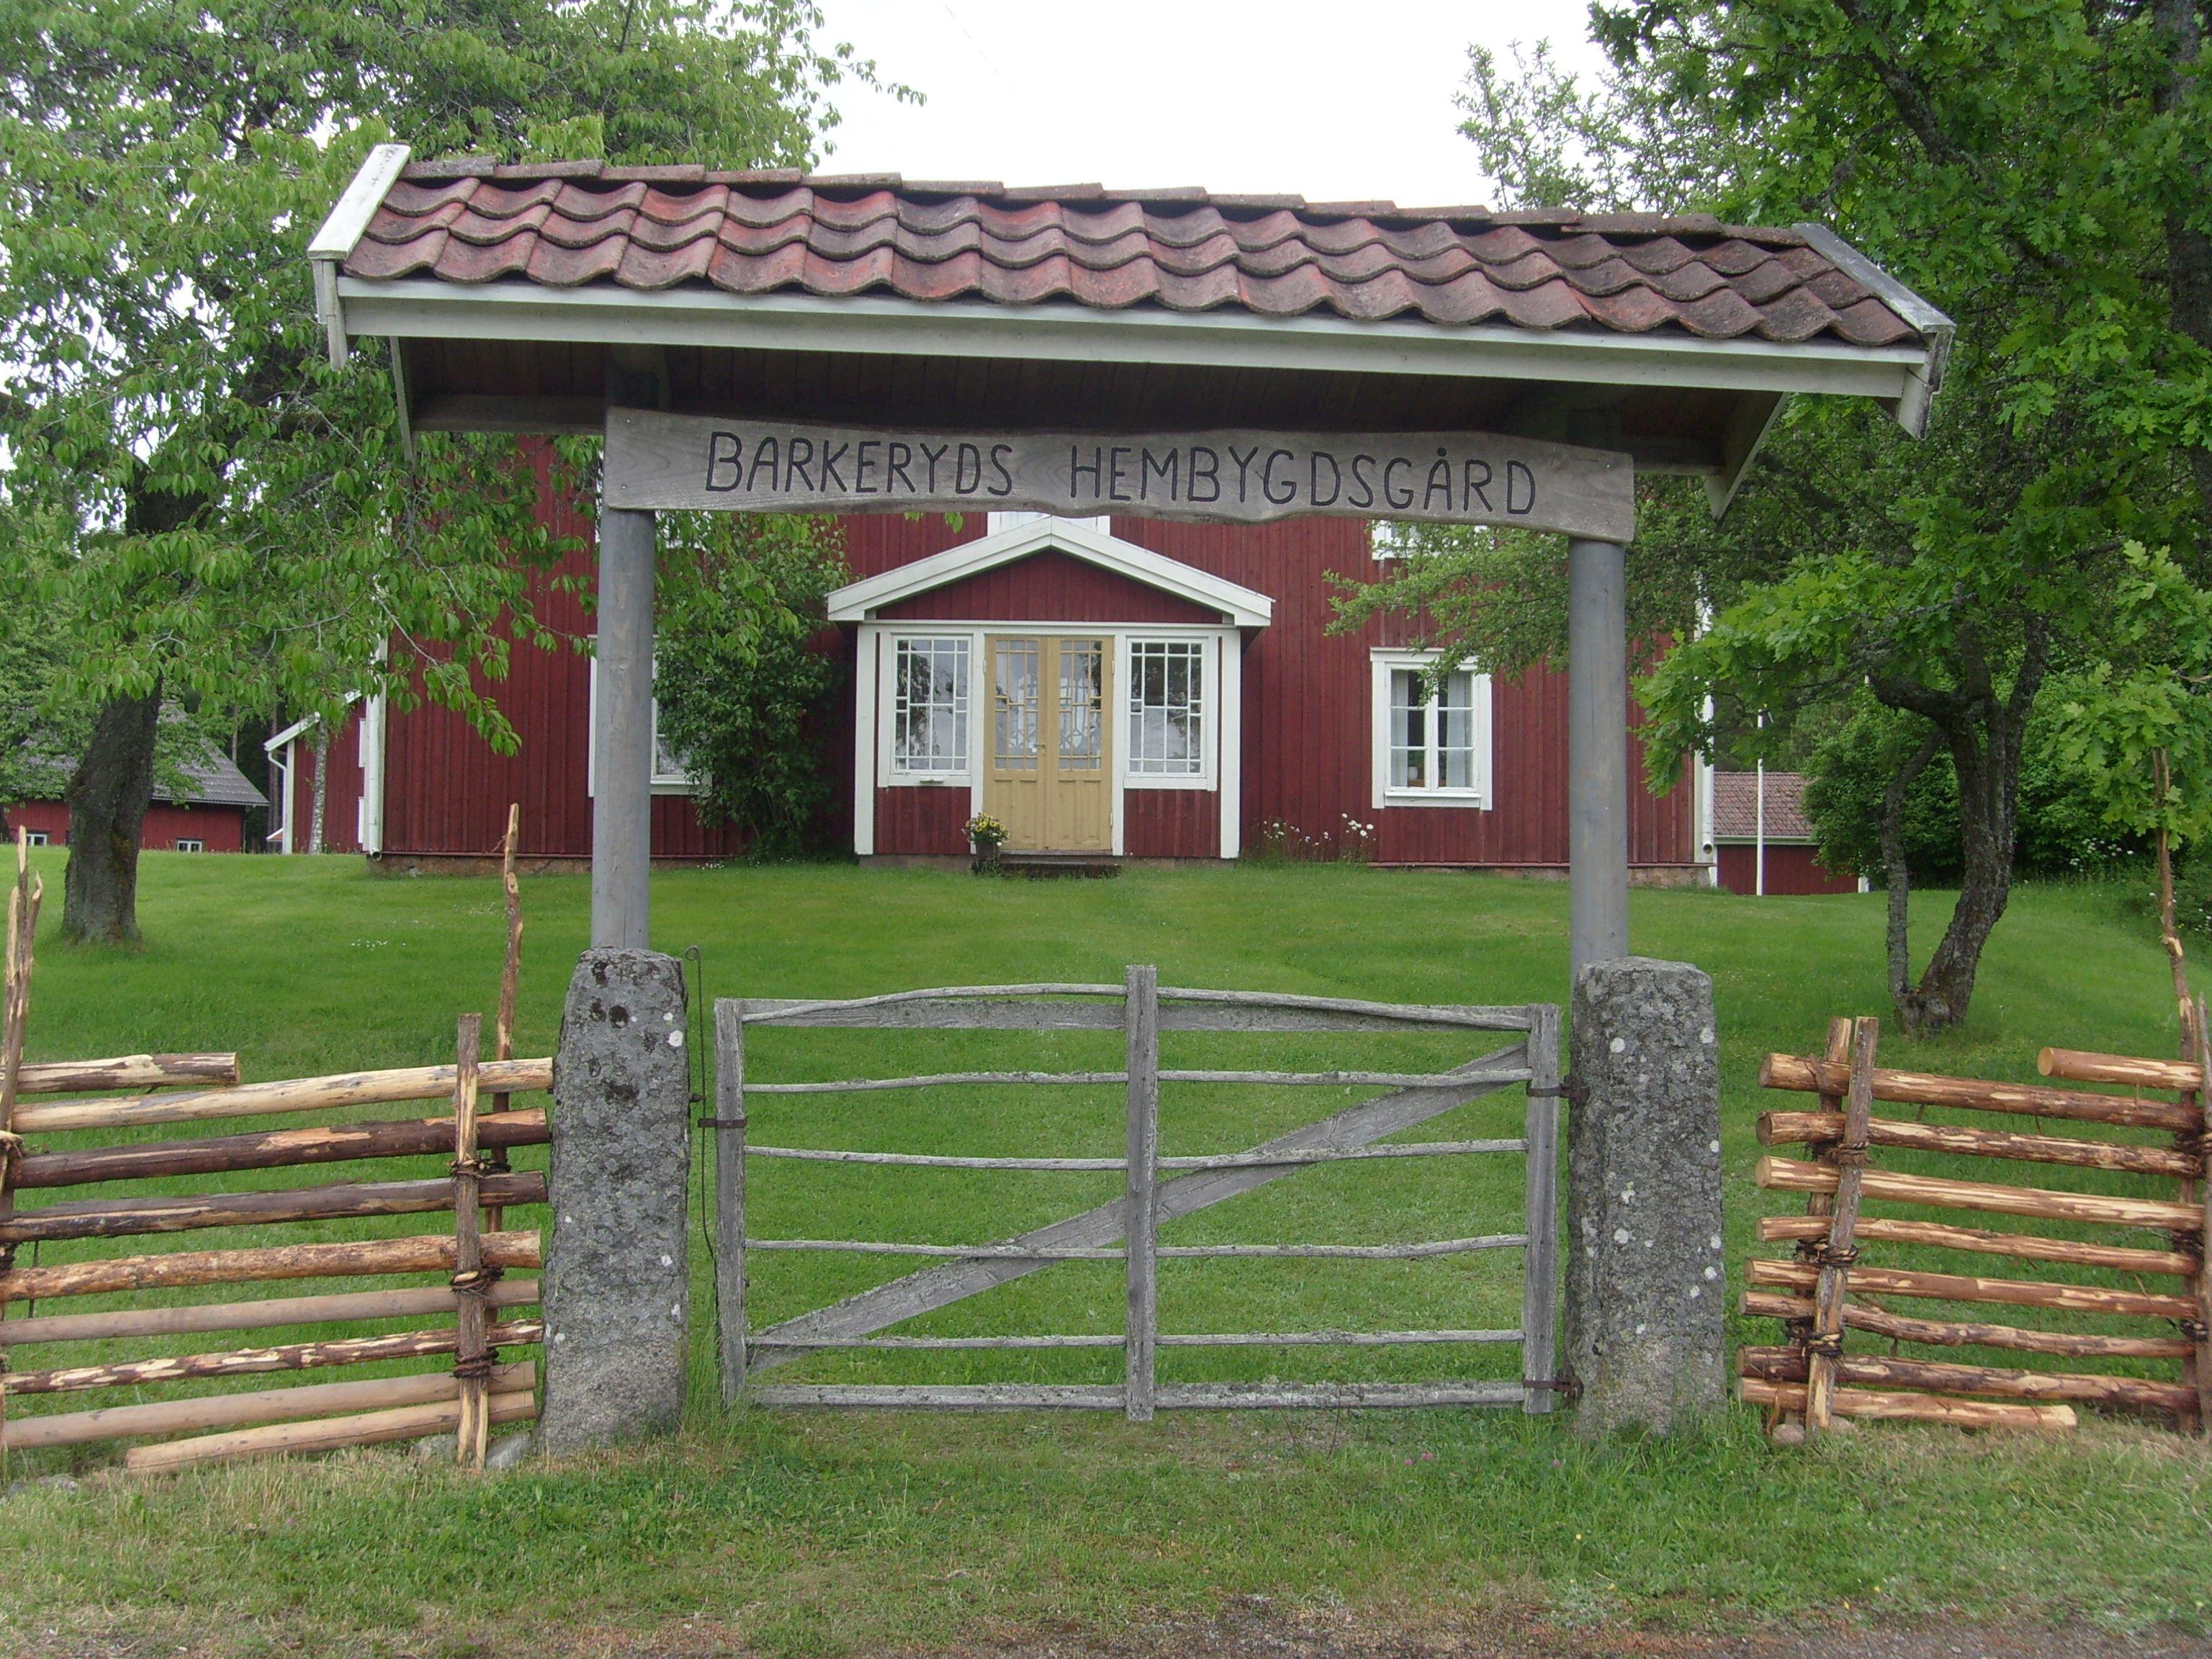 Barkeryds hembygdsmuseum